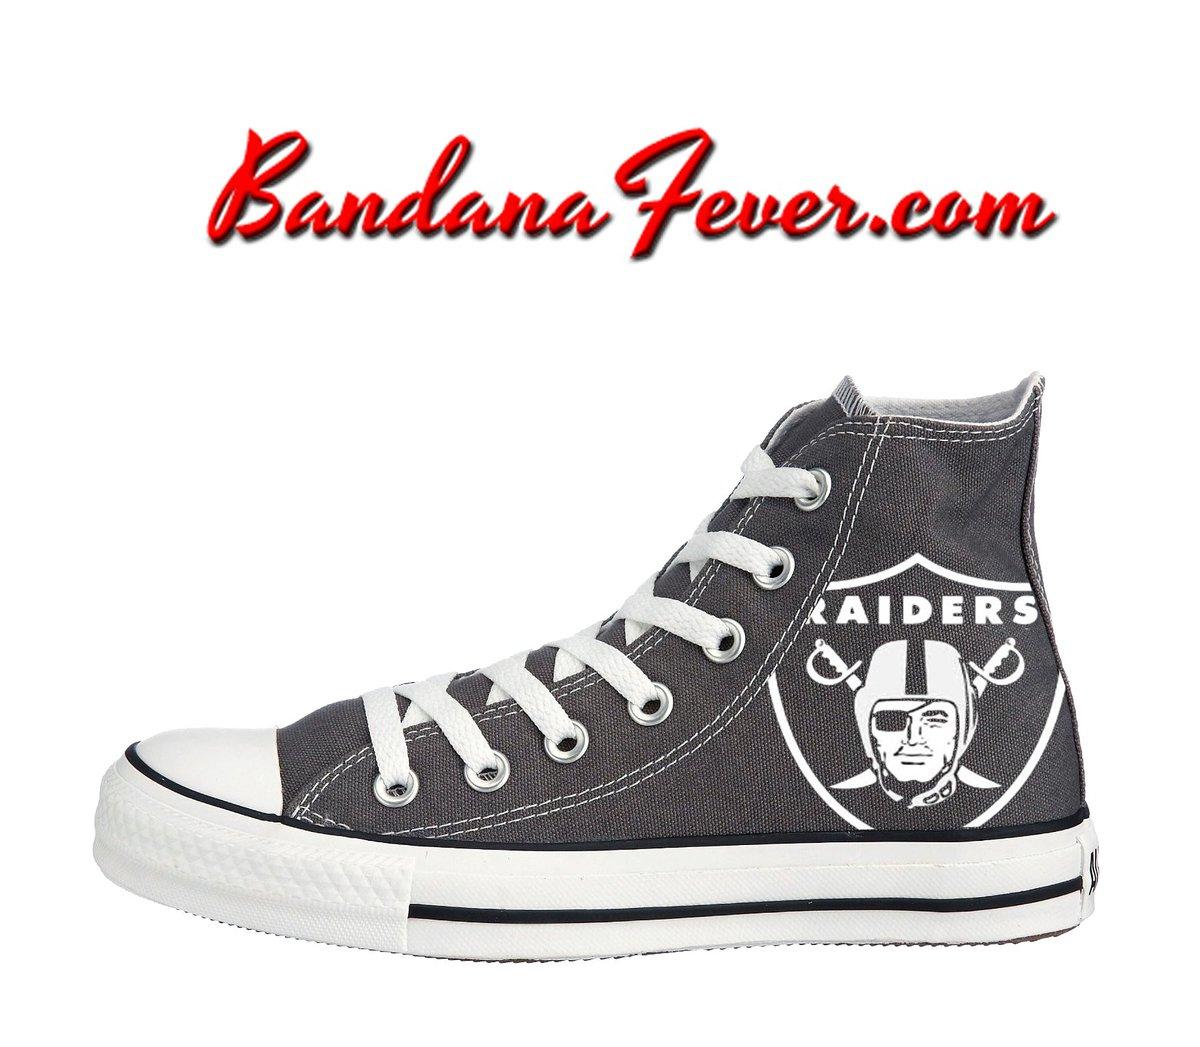 882061ffbe56 Bandana Fever on Twitter